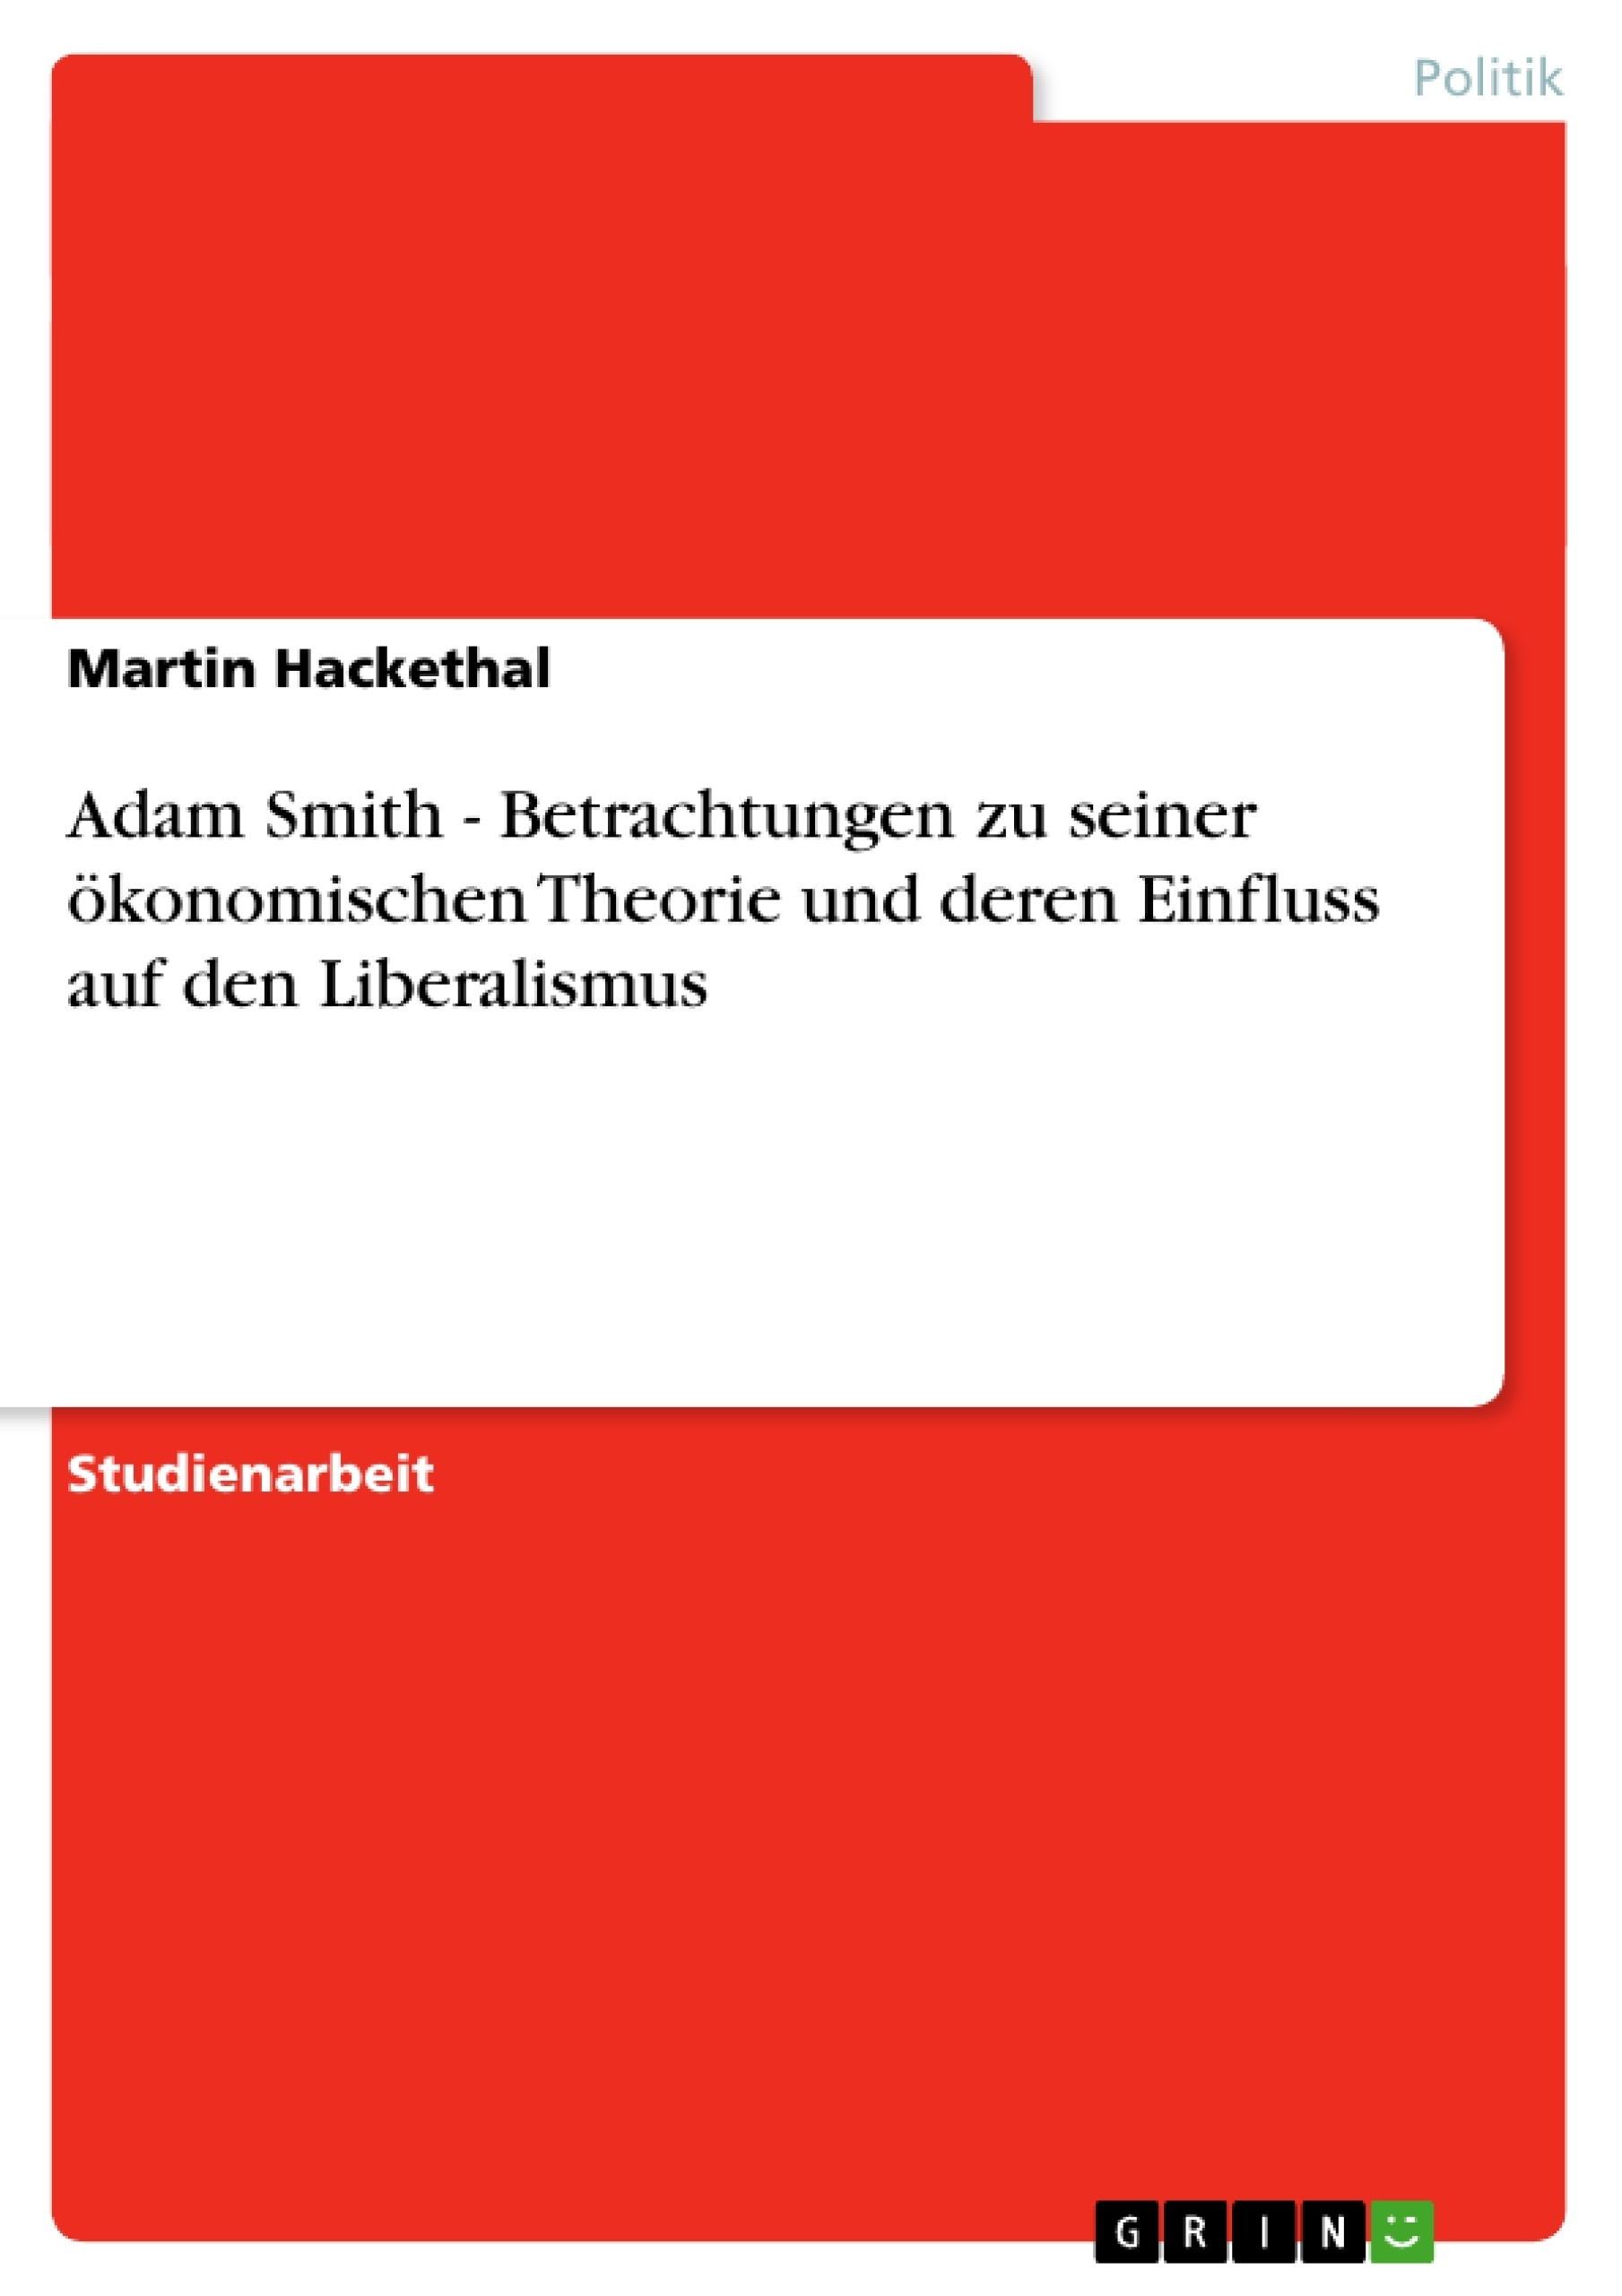 Titel: Adam Smith - Betrachtungen zu seiner ökonomischen Theorie und deren Einfluss auf den Liberalismus